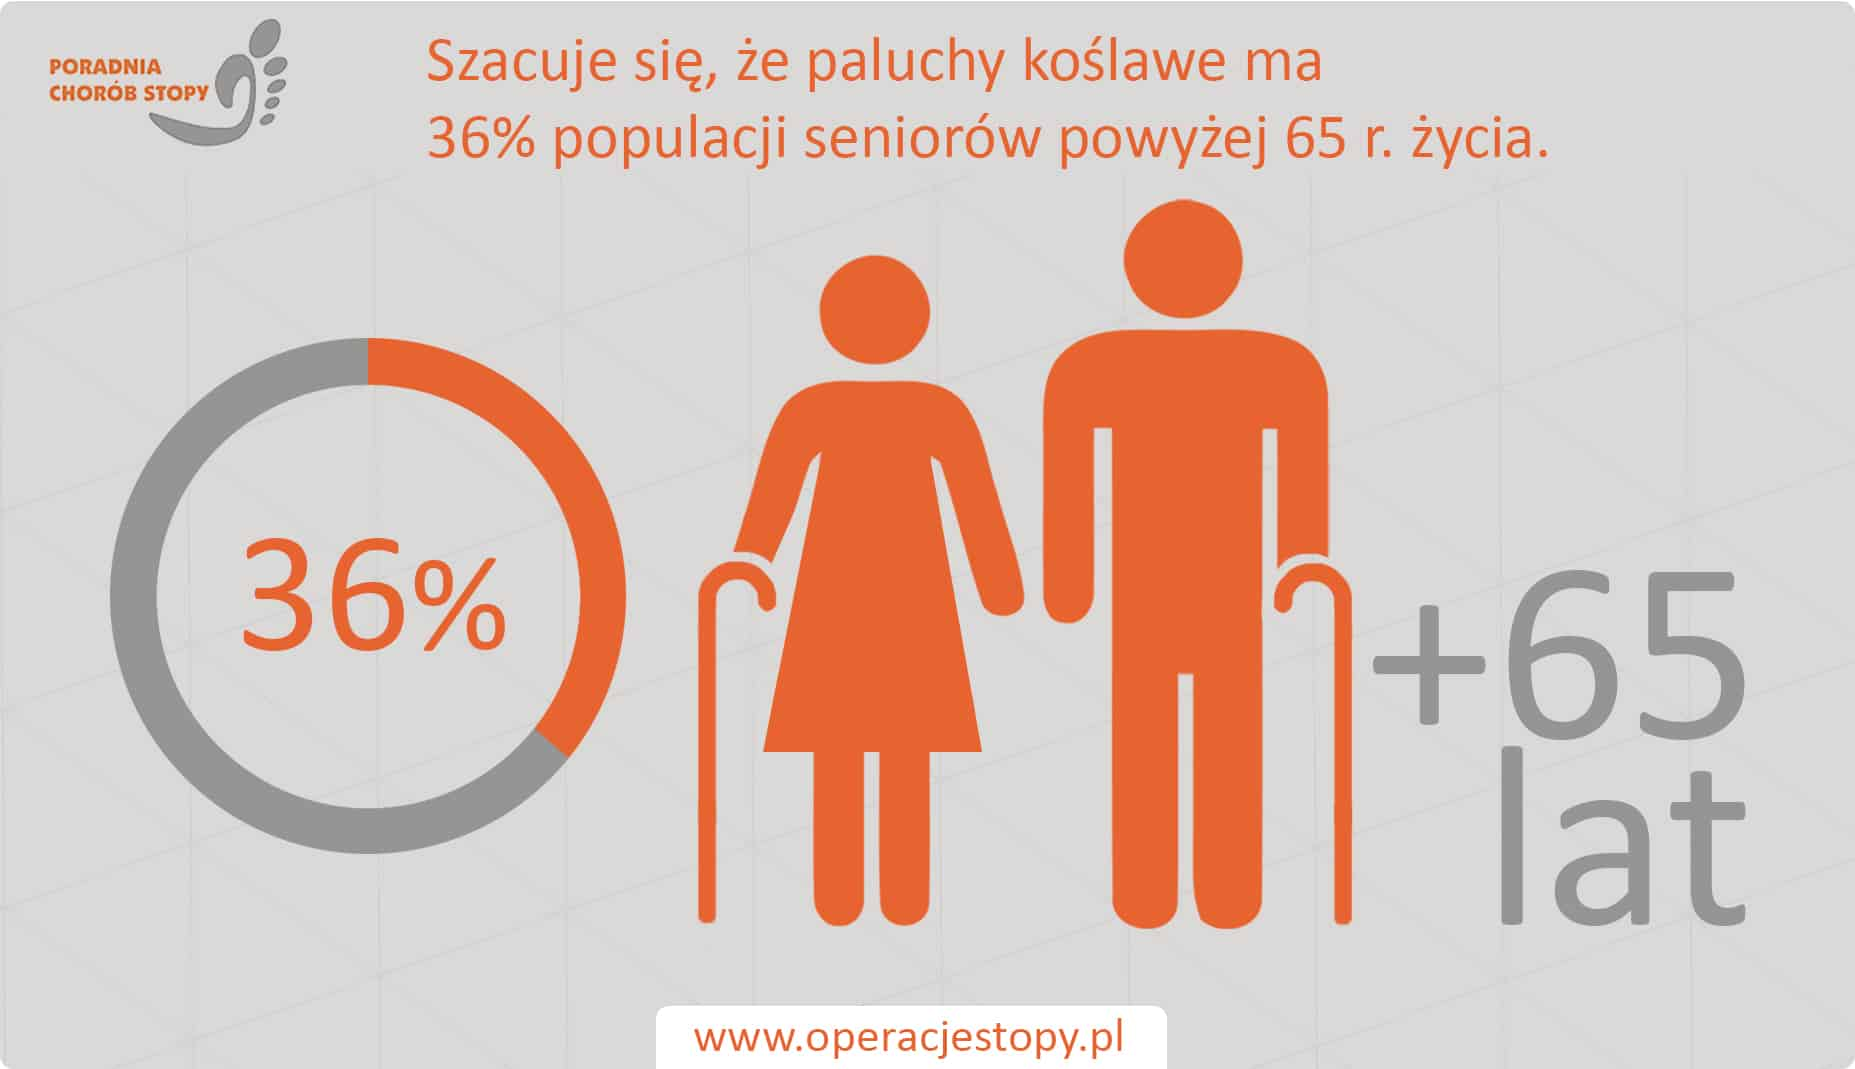 Operacjestopy.pl Paluch Koślawy